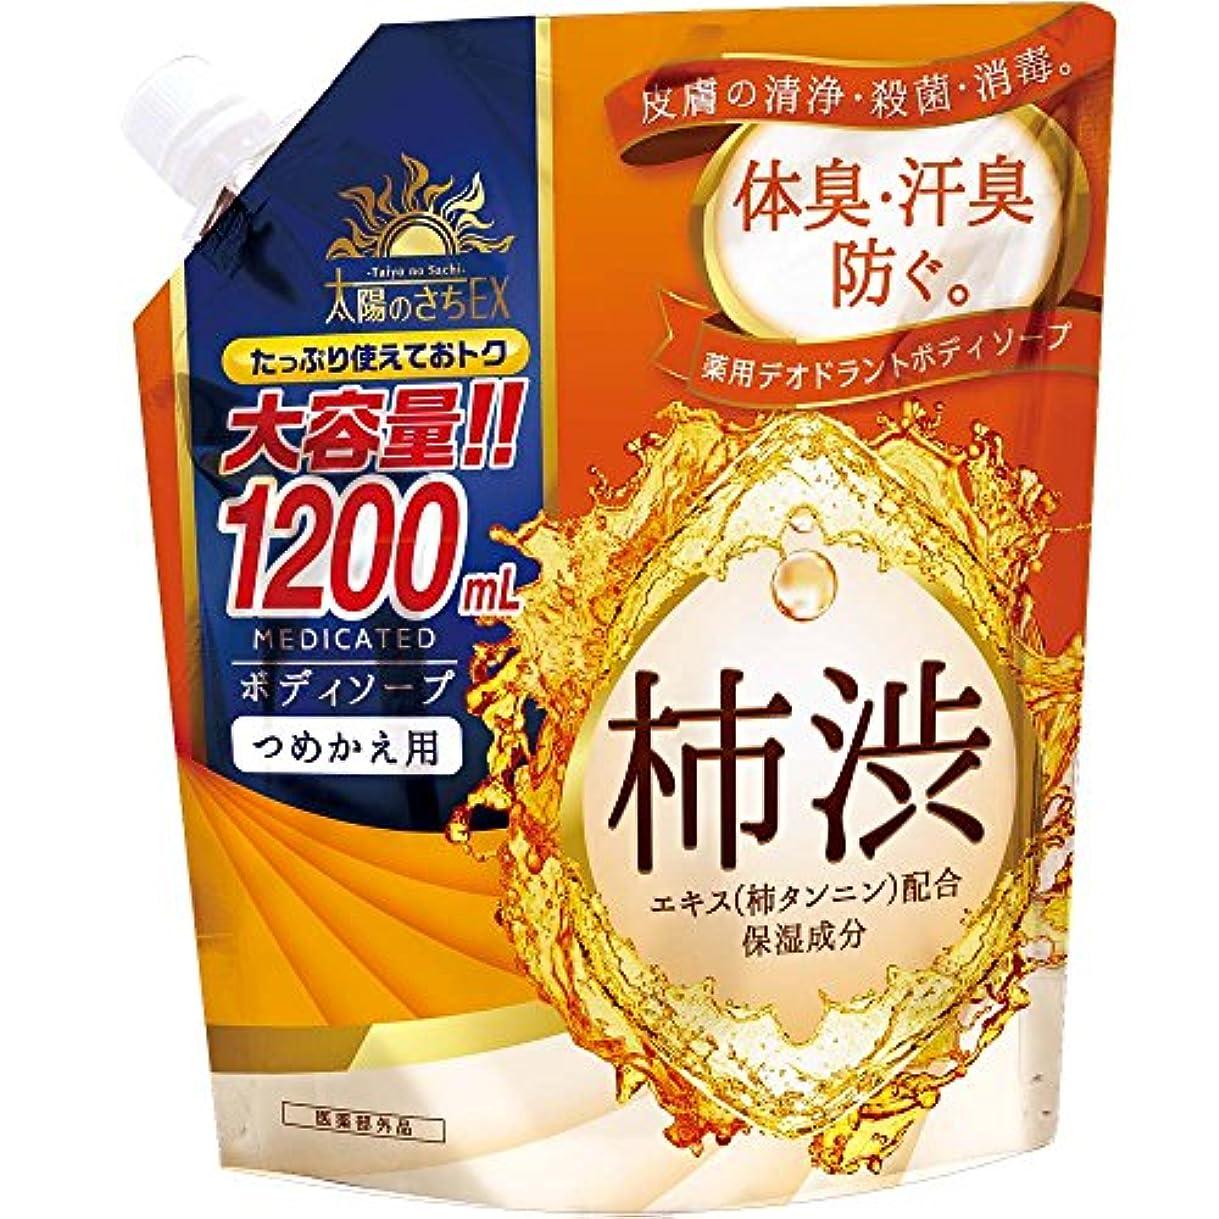 スペインネクタイ形成薬用太陽のさちEX柿渋ボディソープ 大容量 1200mL